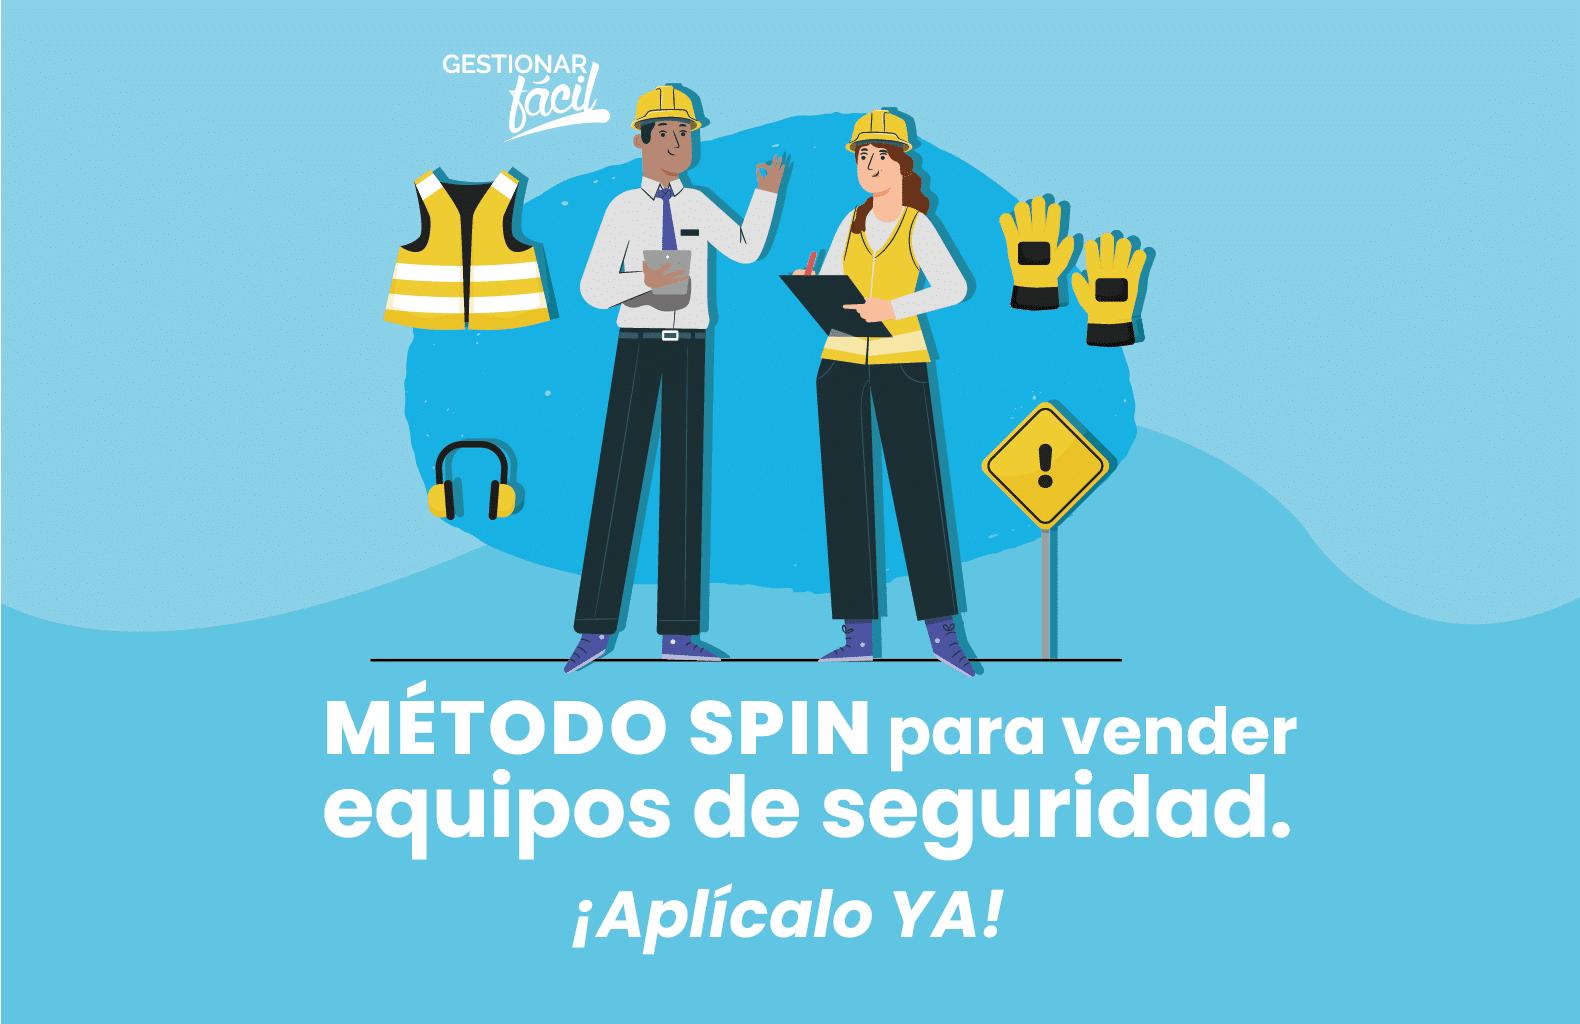 Cómo aplicar el método SPIN para vender equipos de seguridad